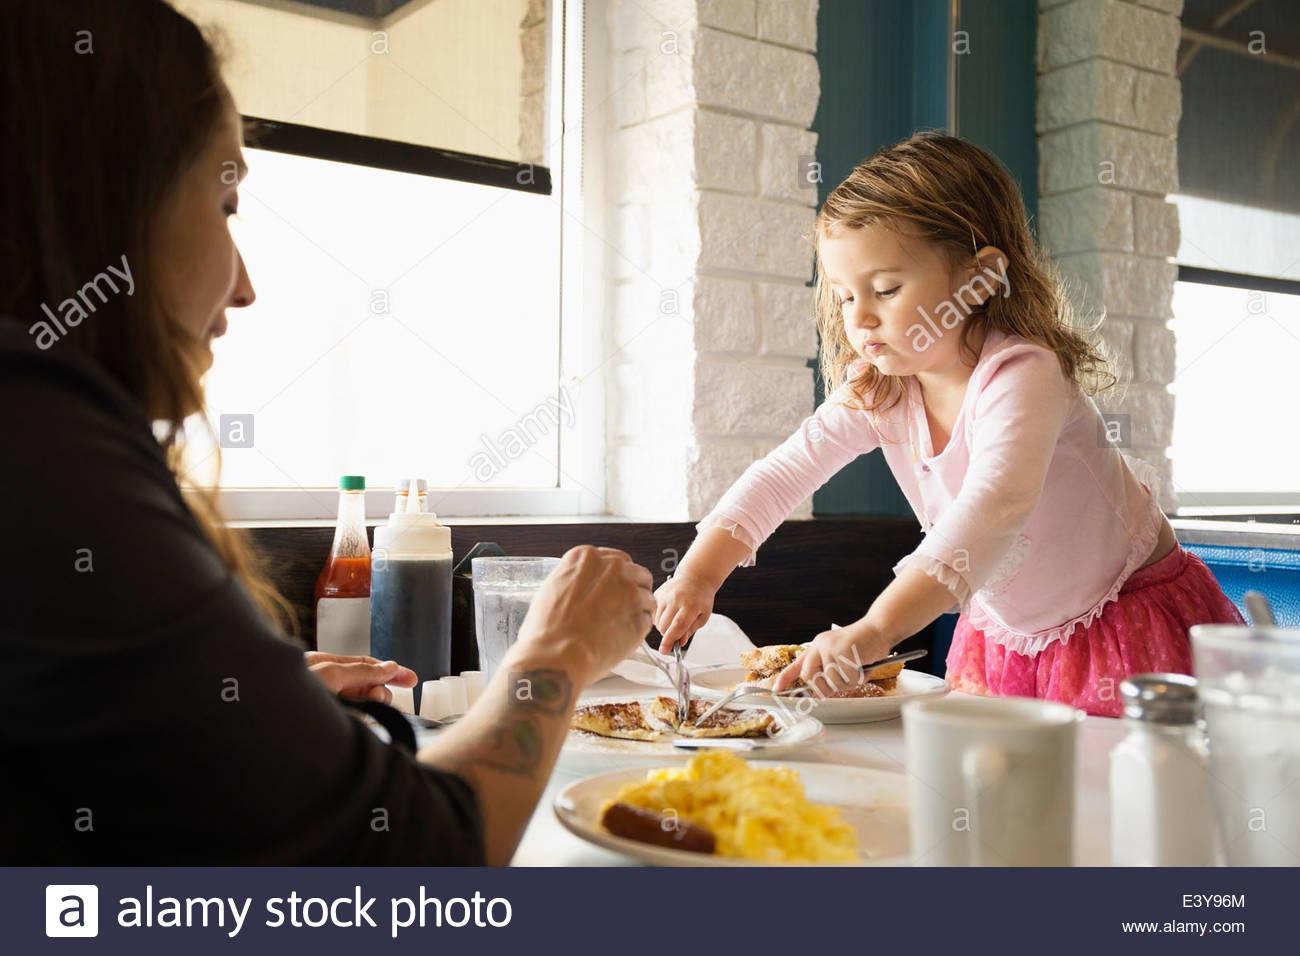 Mutter und Kleinkind Tochter Essen im diner Stockbild